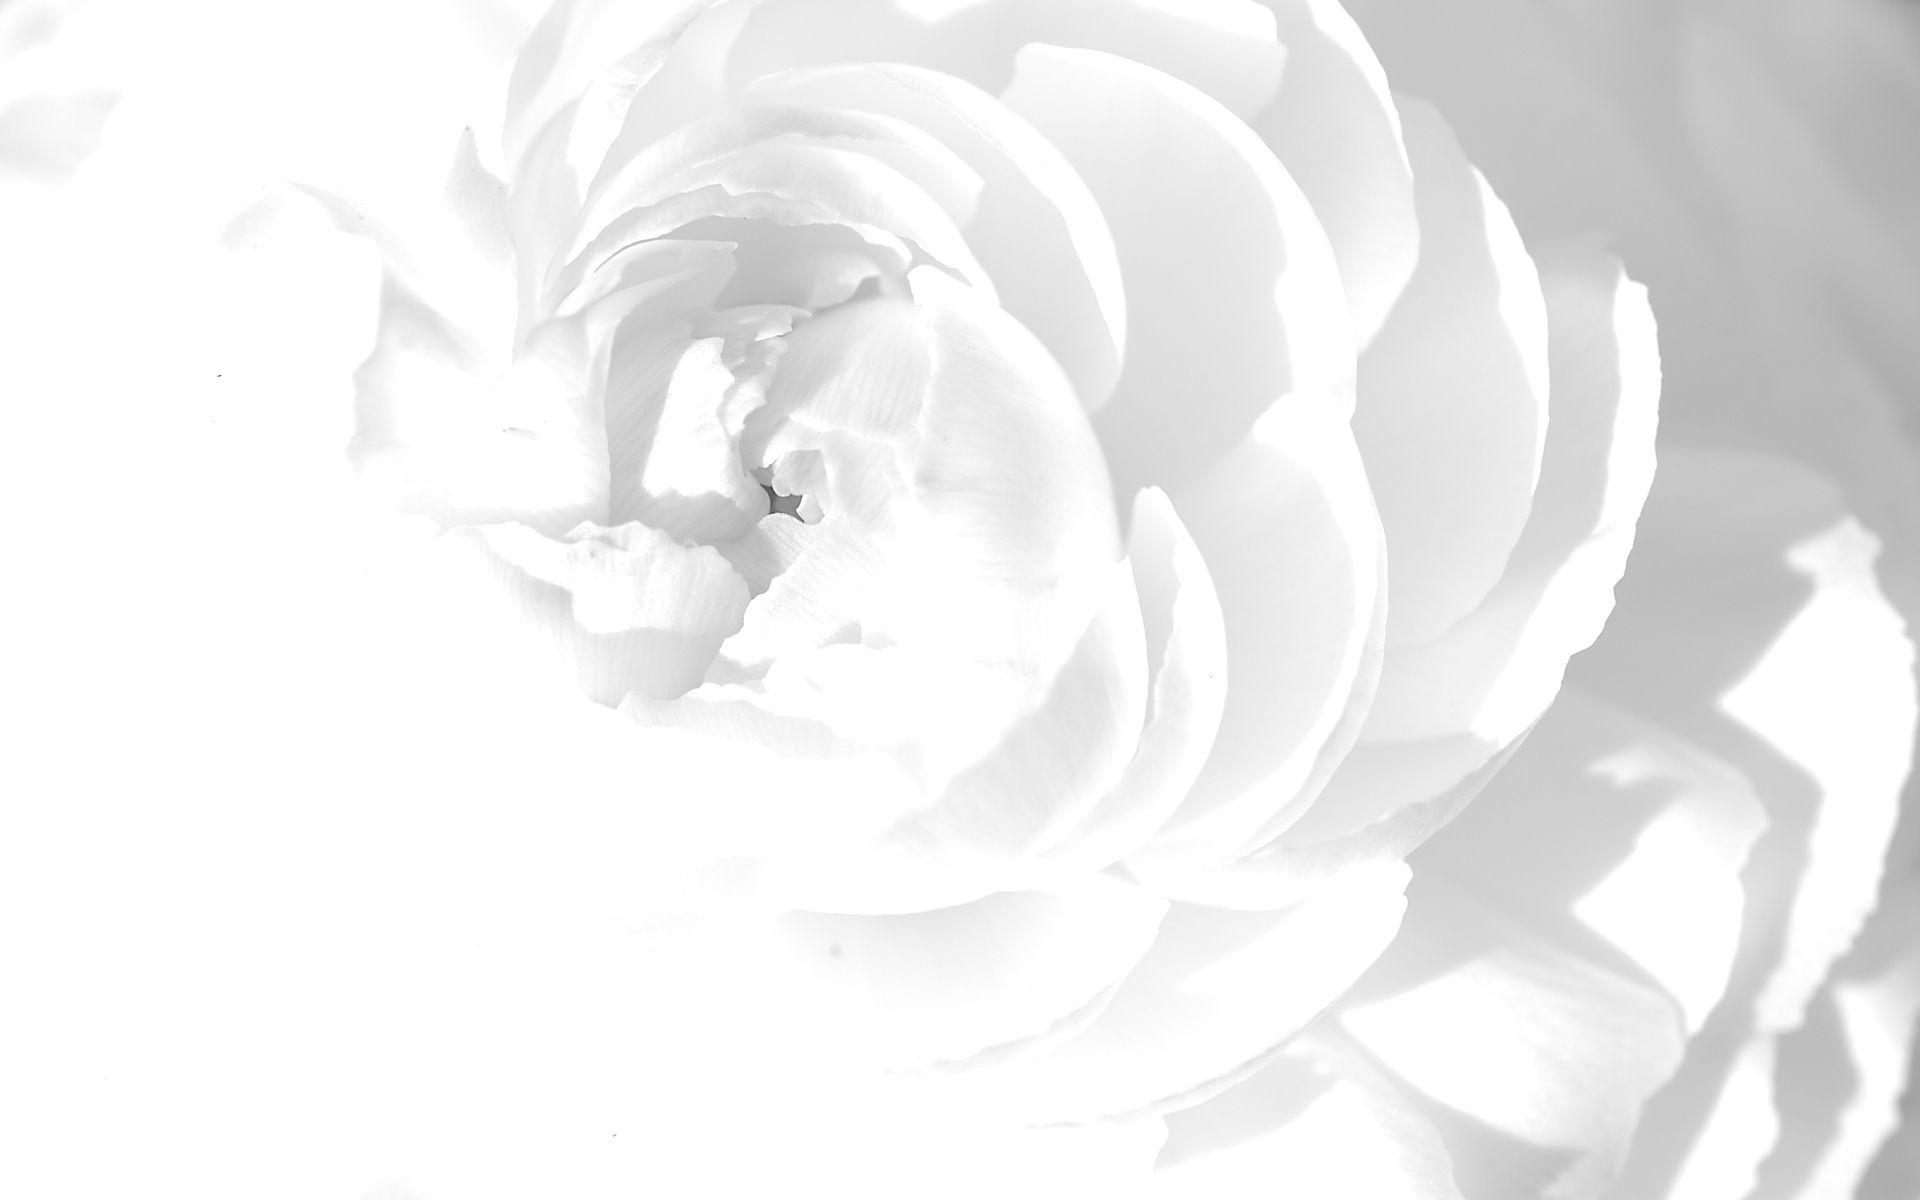 Flower design wallpaper black and white white background for Black and white wallpaper designs